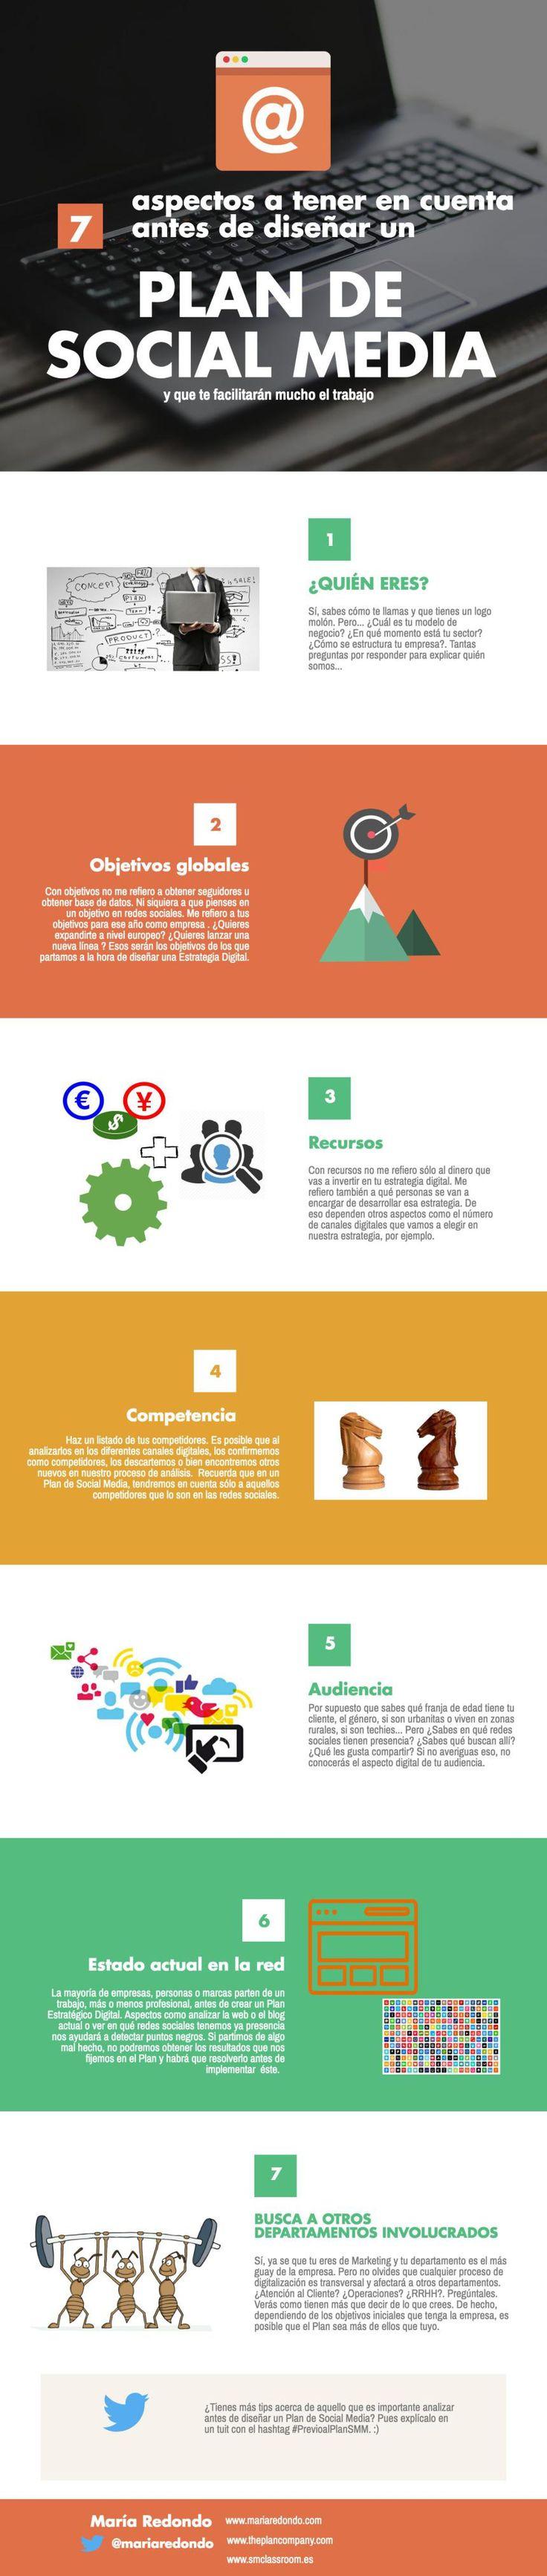 7 aspectos a tener en cuenta antes de diseñar un plan de #SocialMedia #Infografia